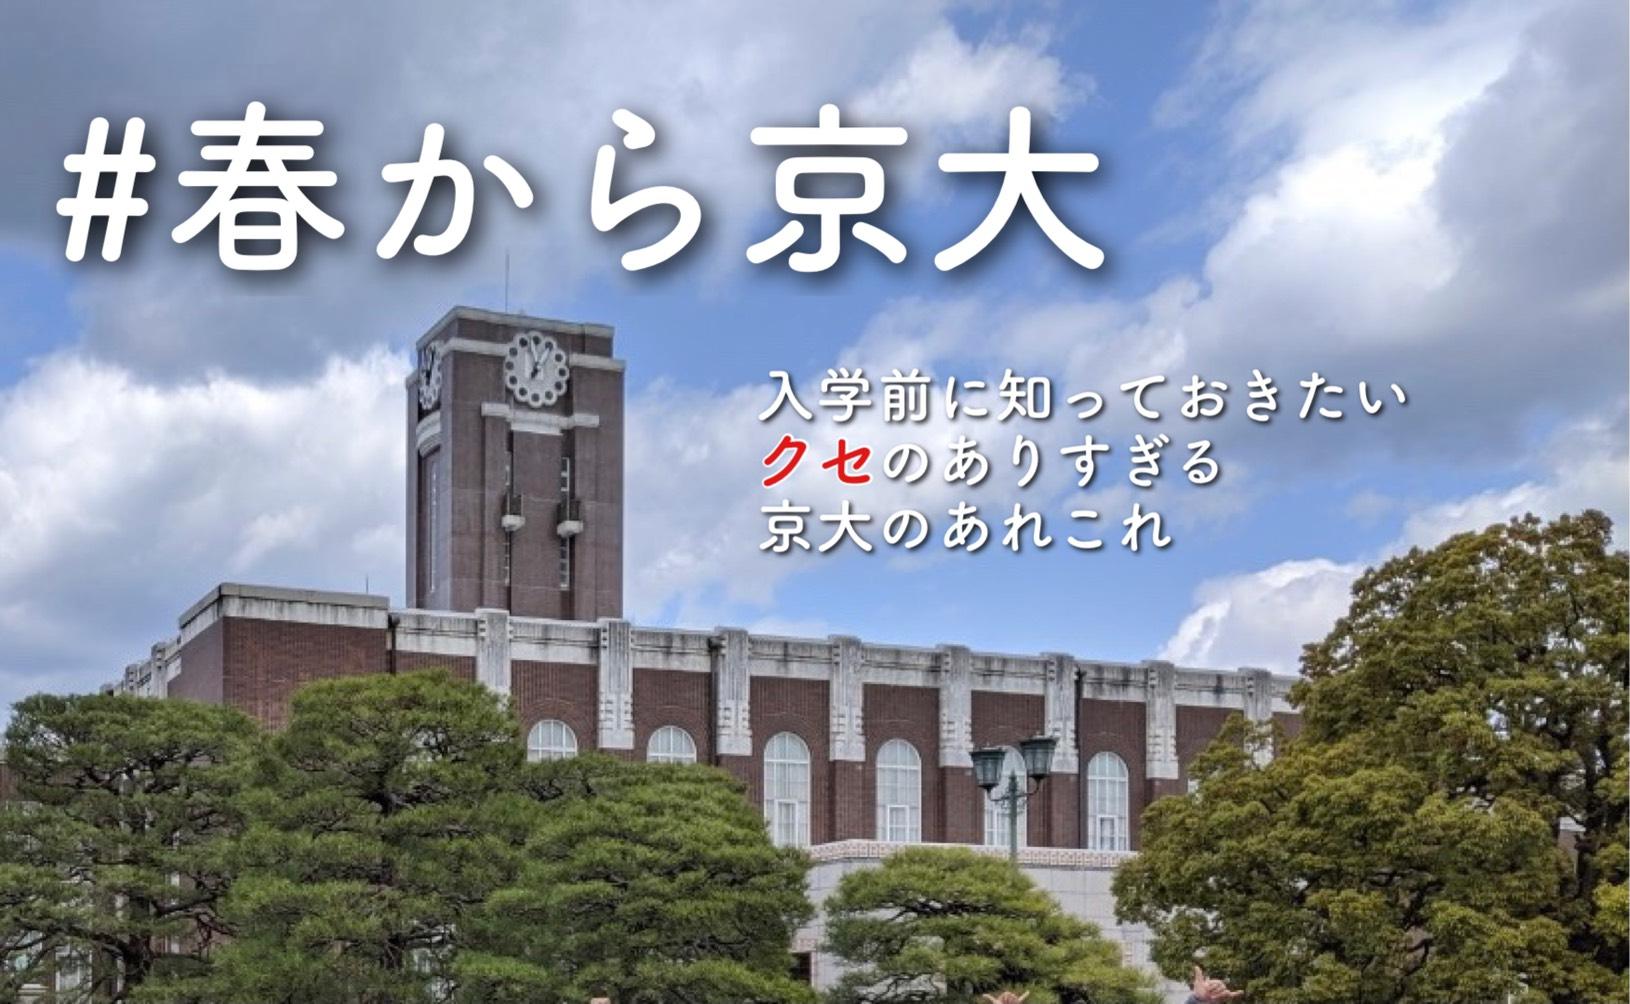 【#春から京大】京大生の生活をのぞいてみよう